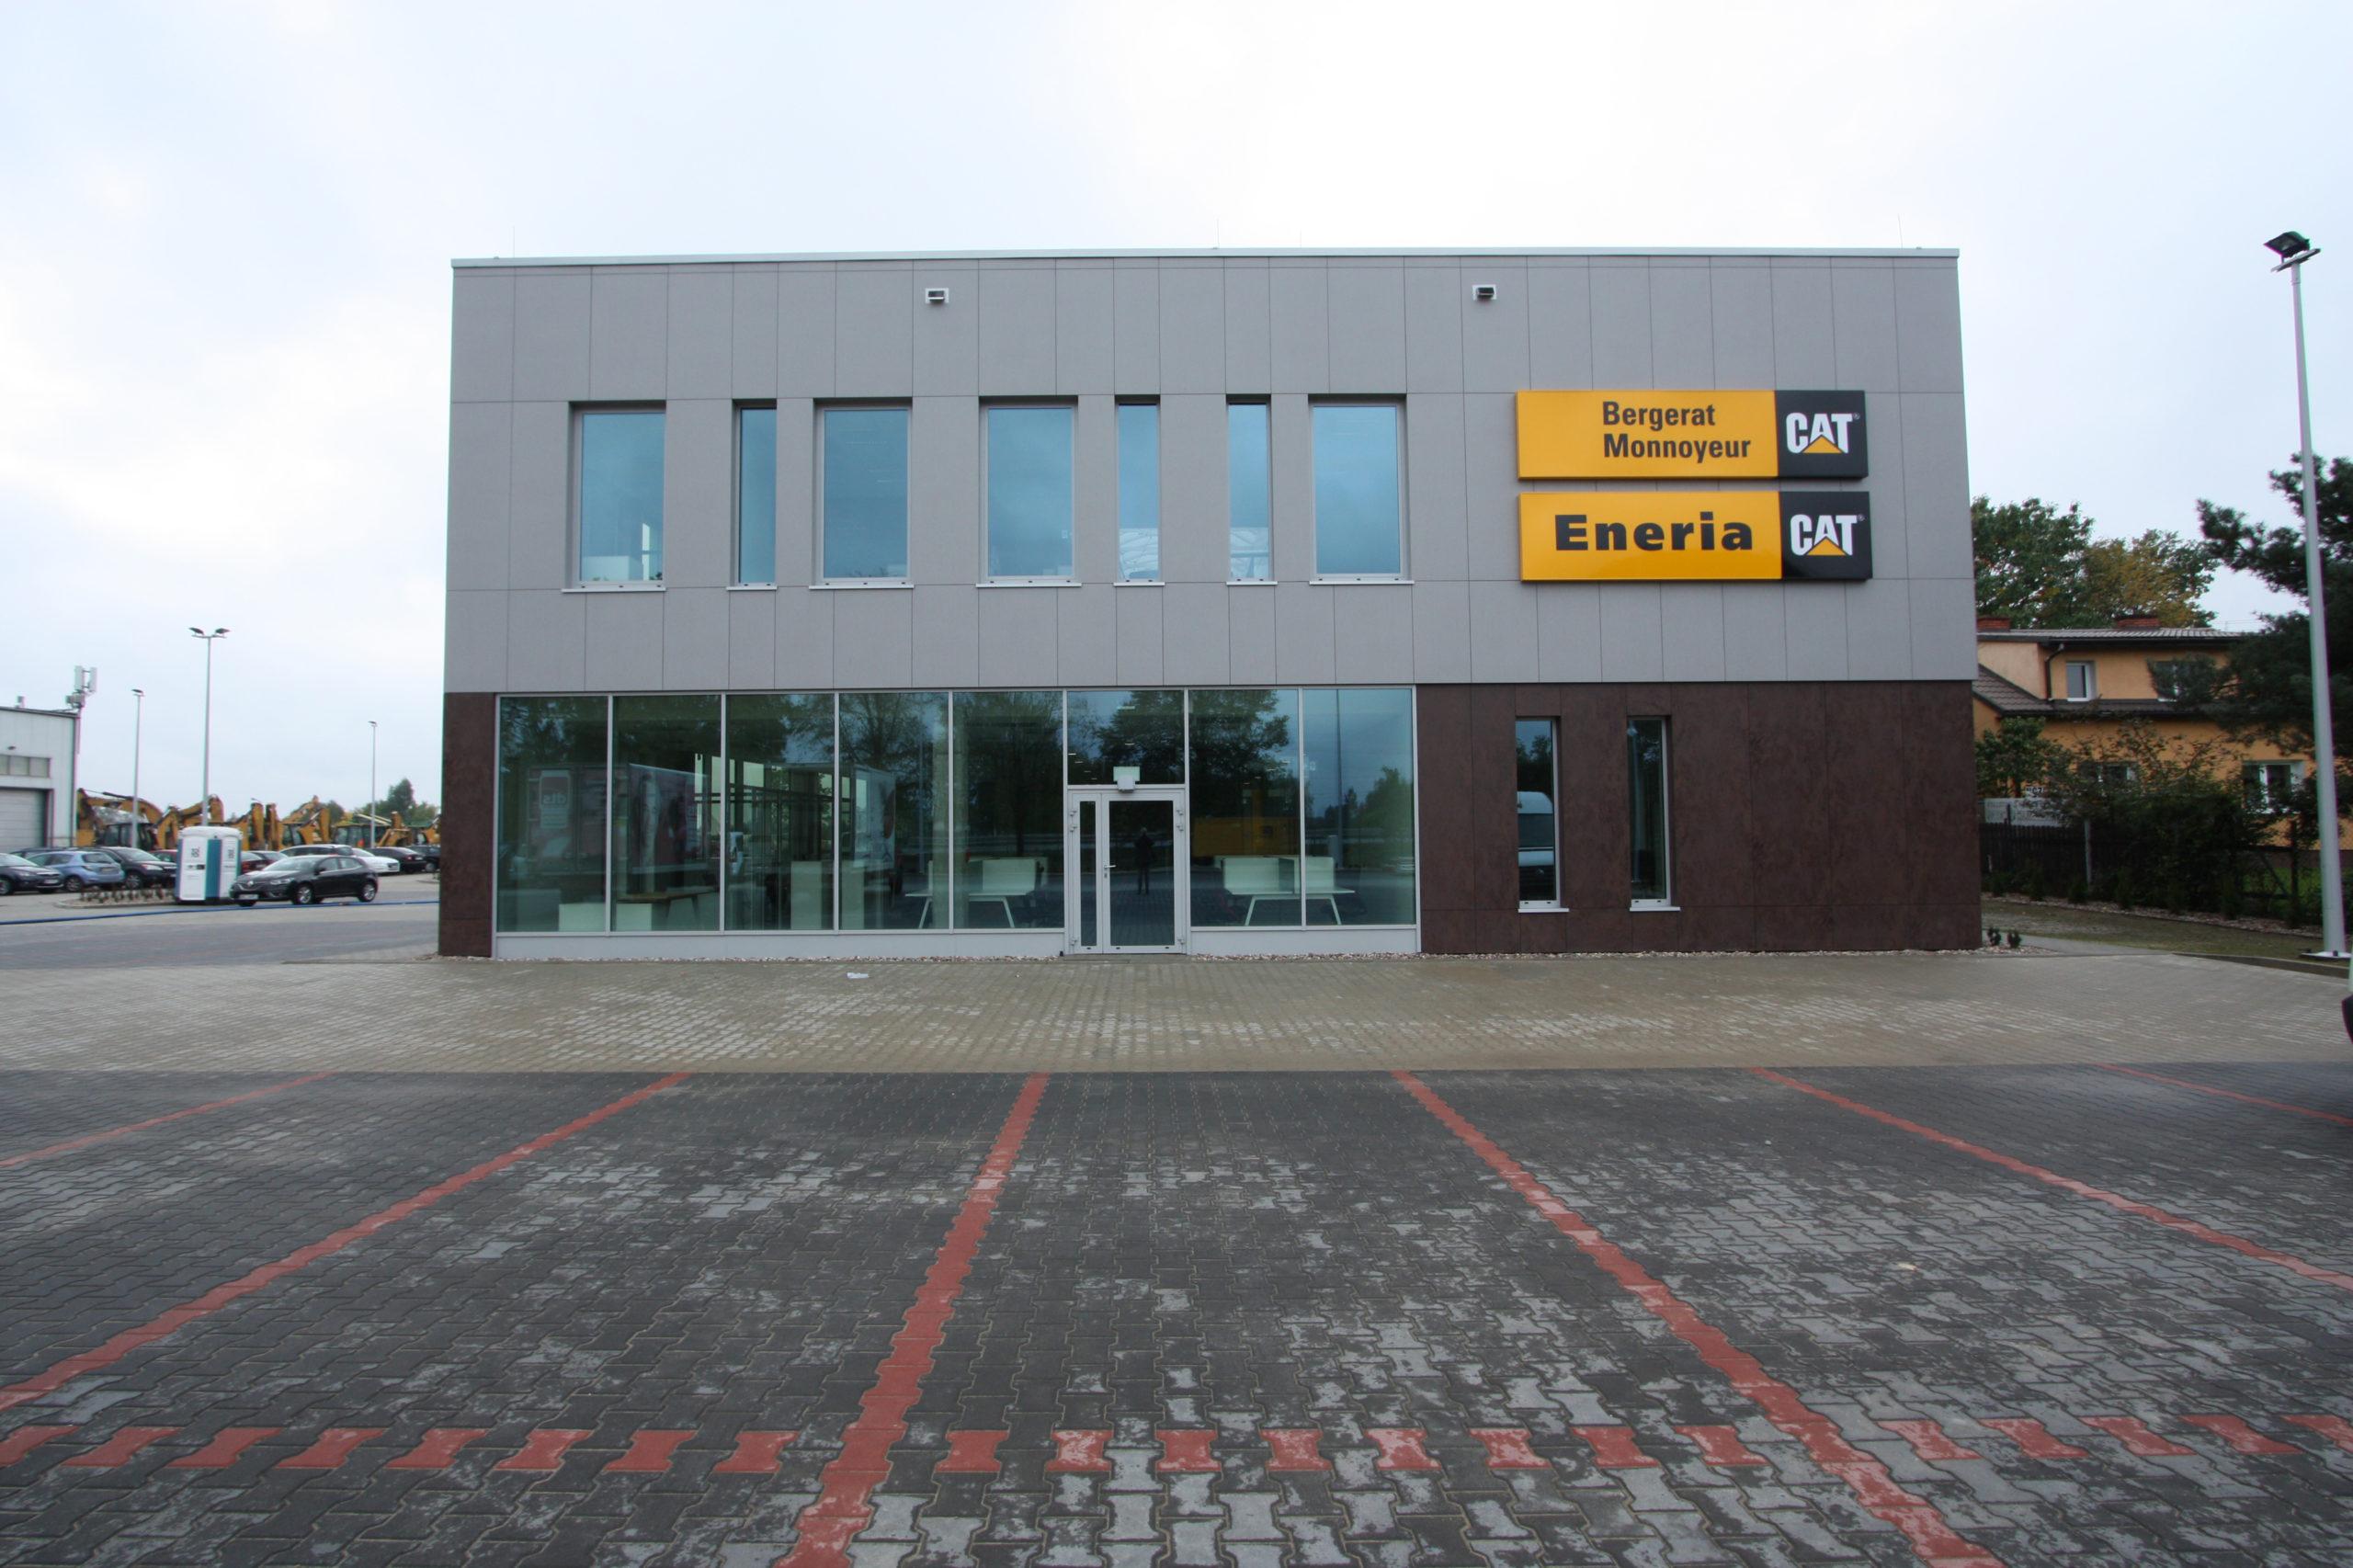 bergerat monnoyeur, budynek biurowo-serwisowy, caterpillar, realizacja, architekt